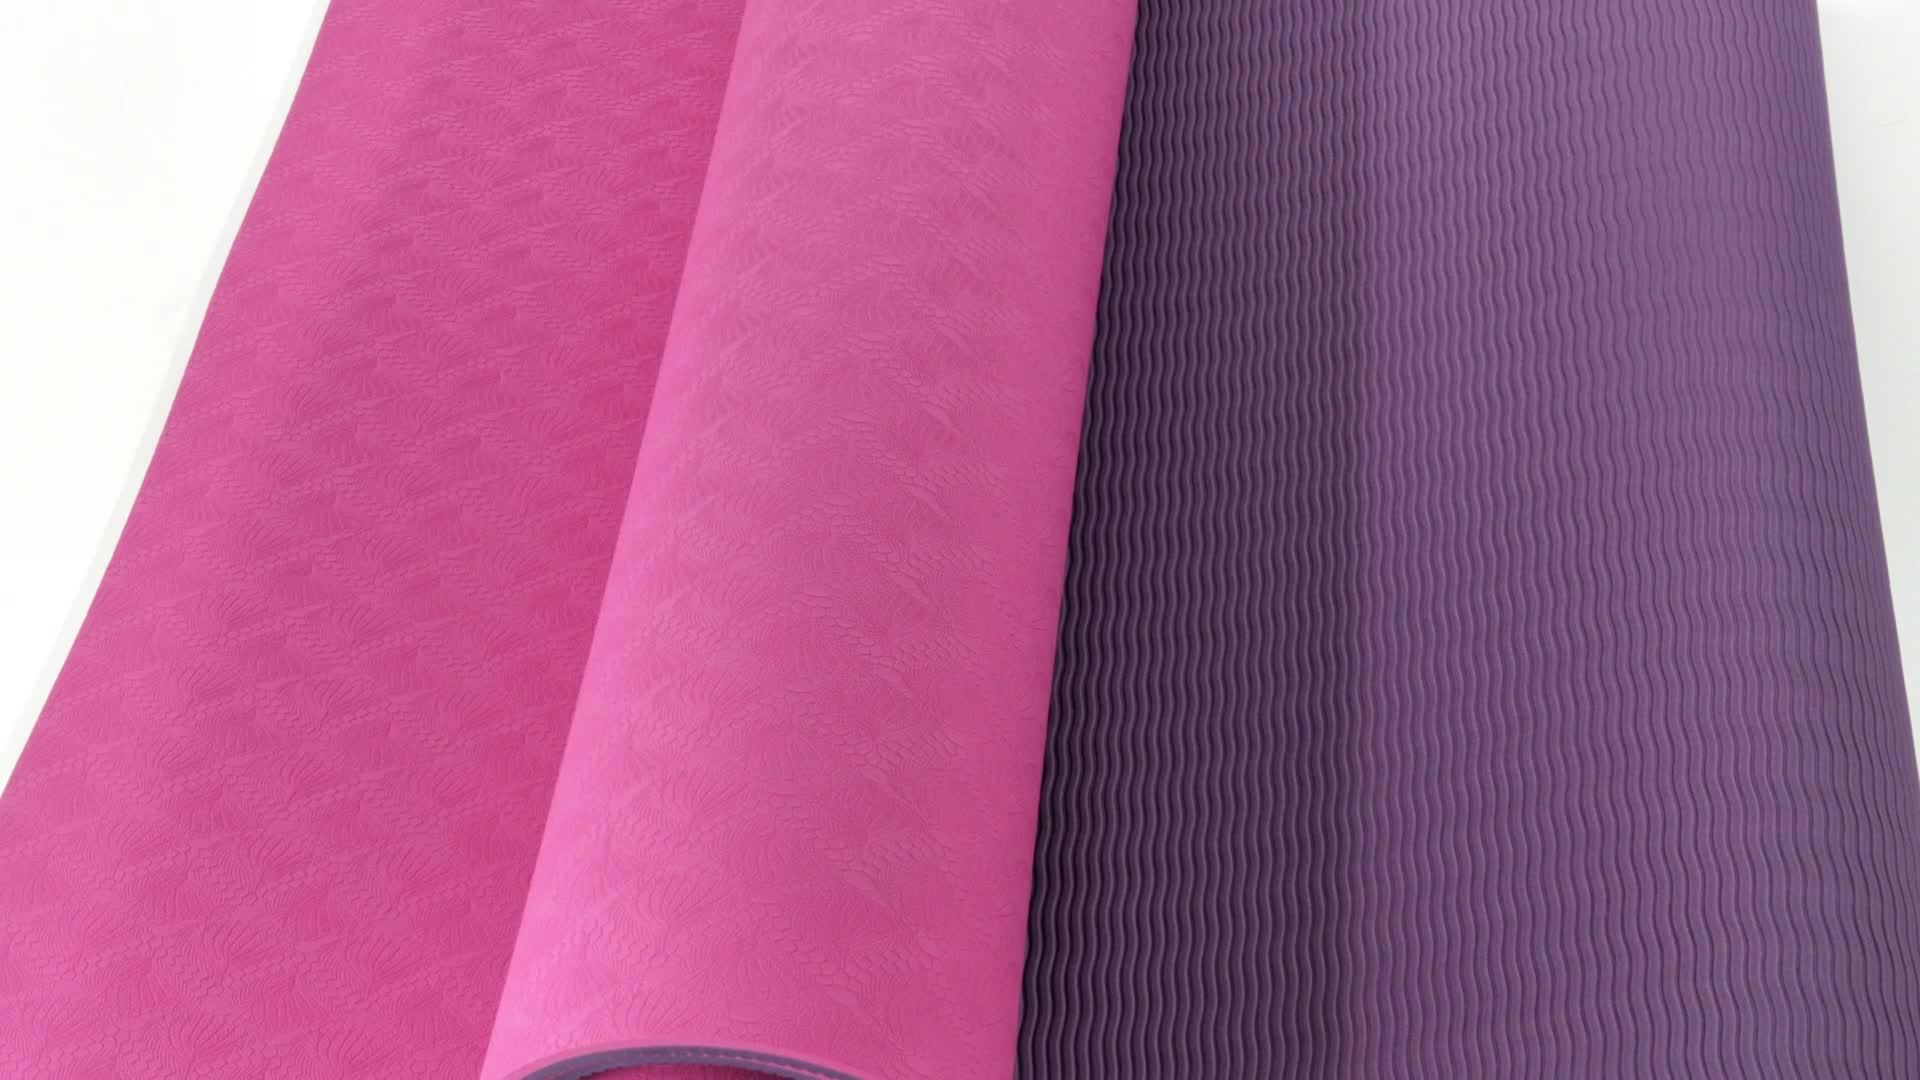 Personalizzato viaggi sostenibili modello pilates stuoia di yoga